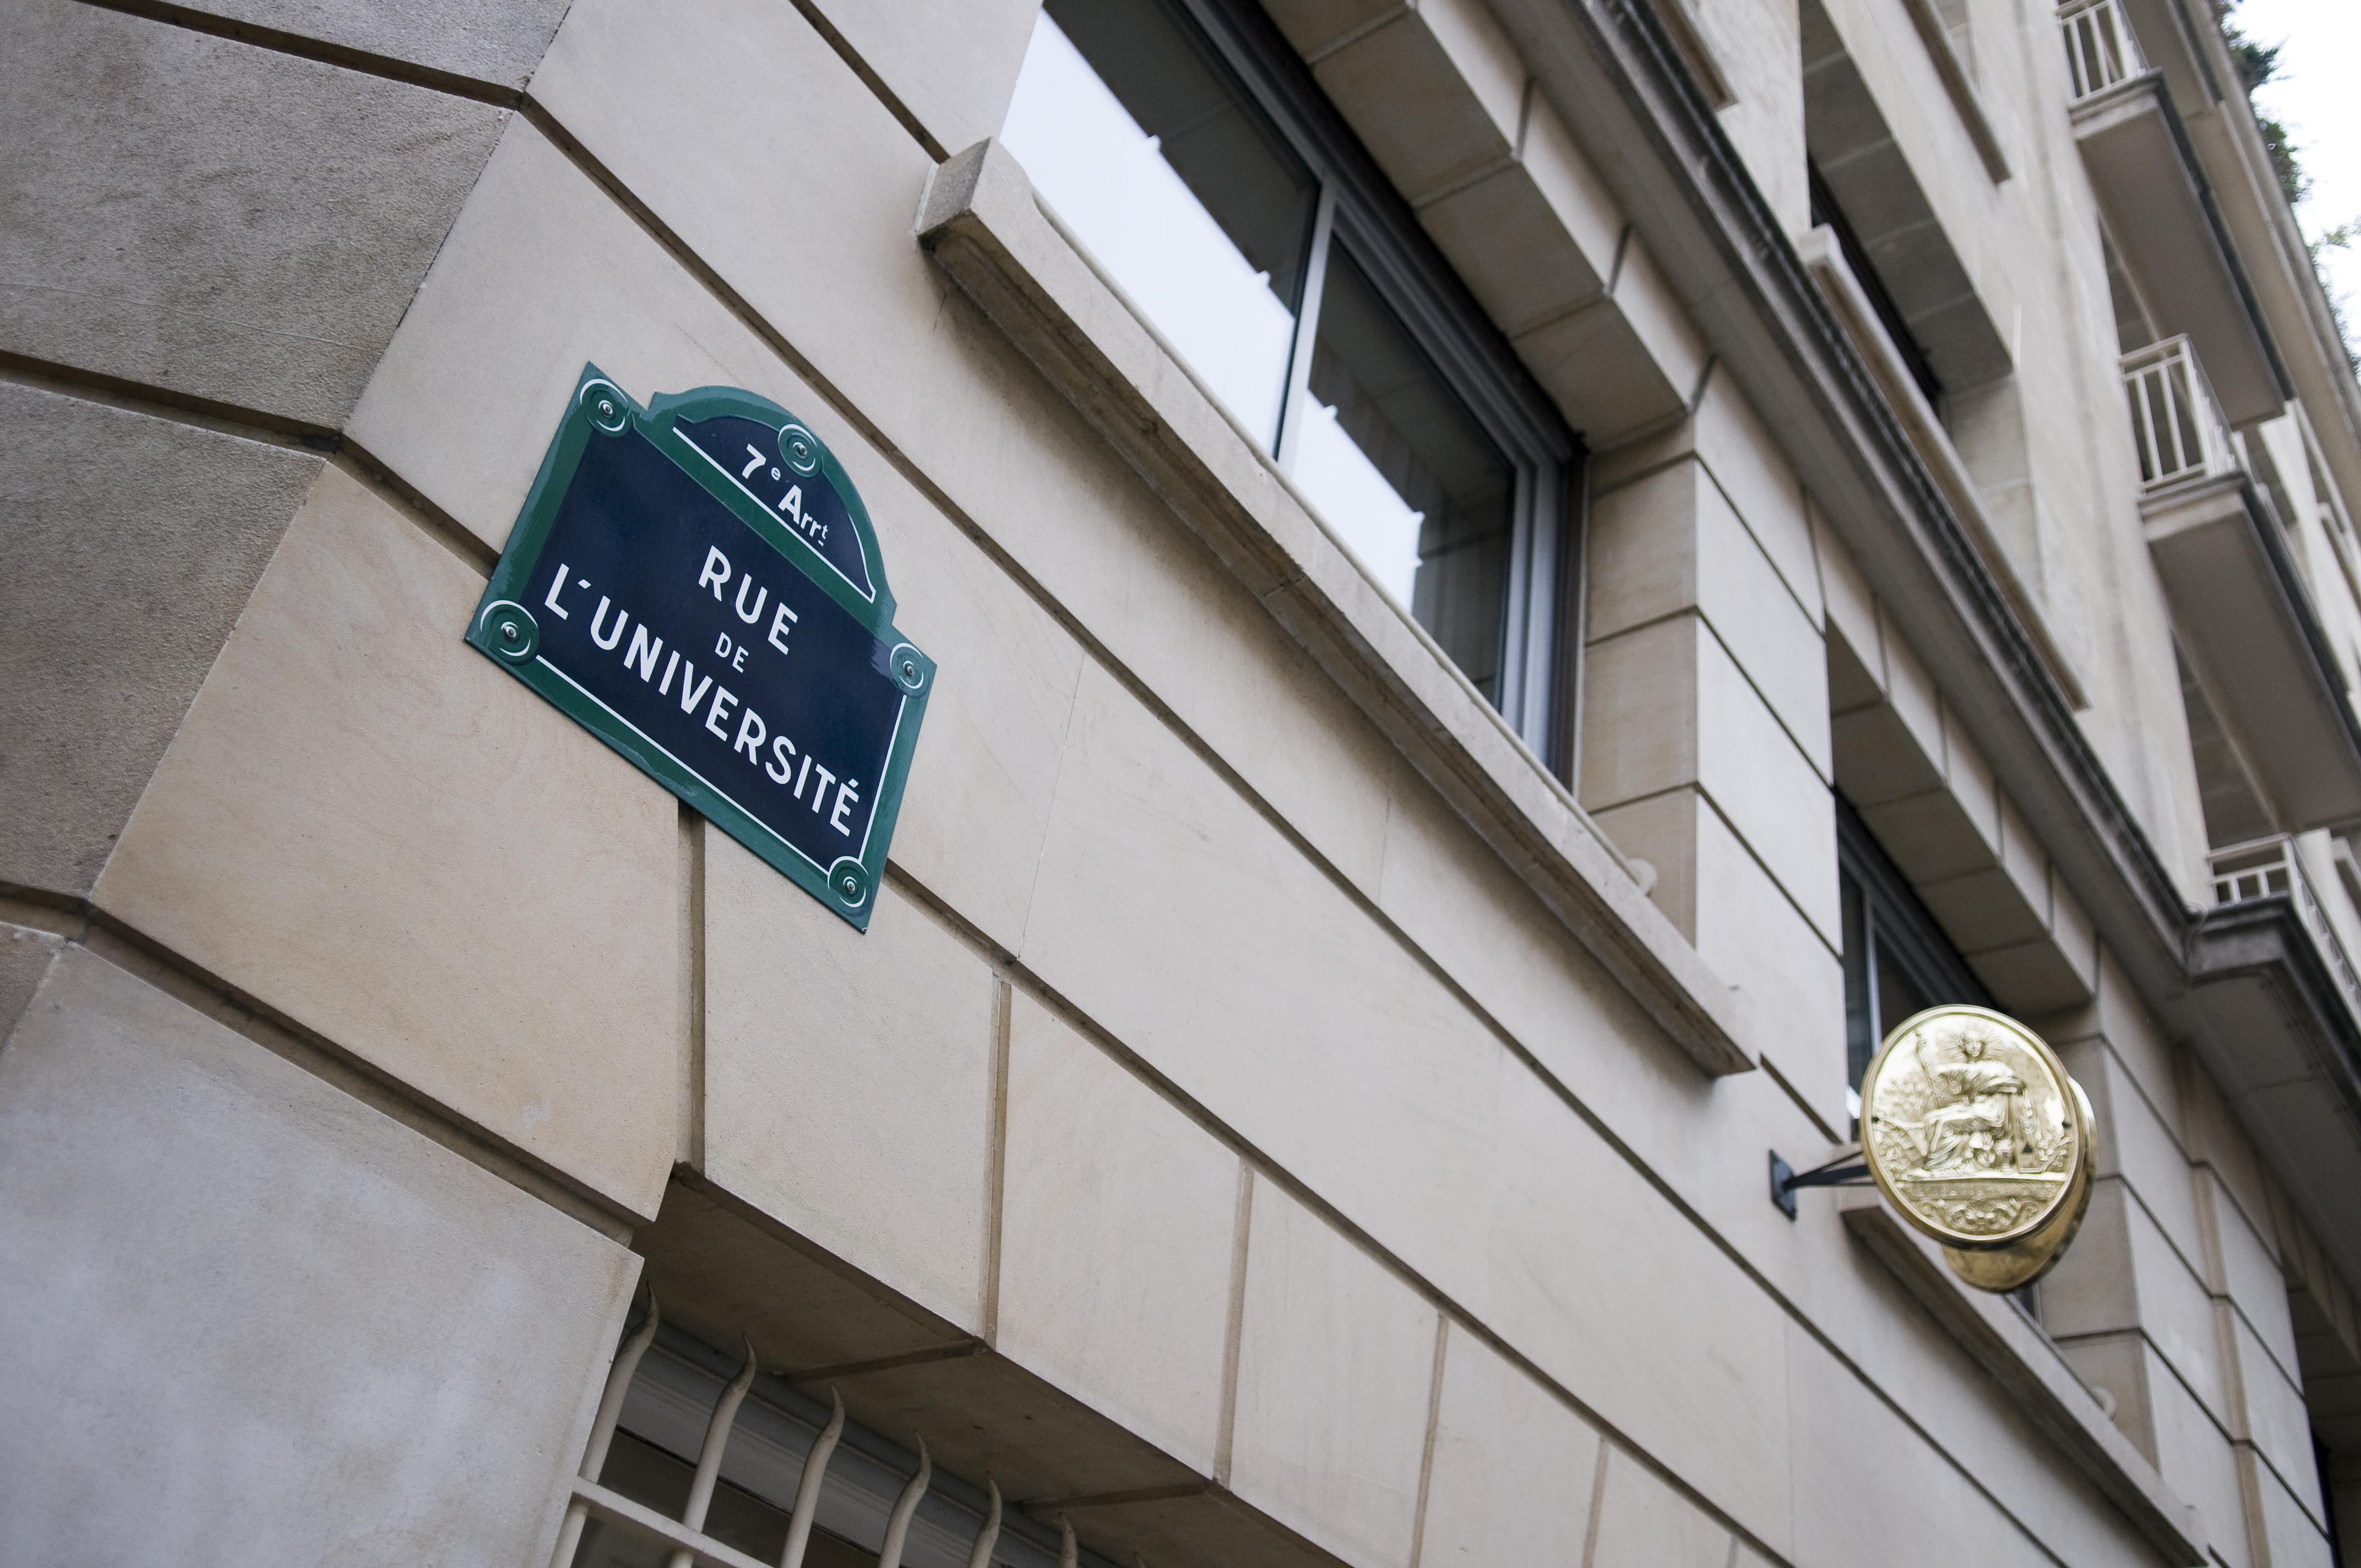 L'Etude Carré Notaires<br/>34 bis rue de l'université 75007 Paris